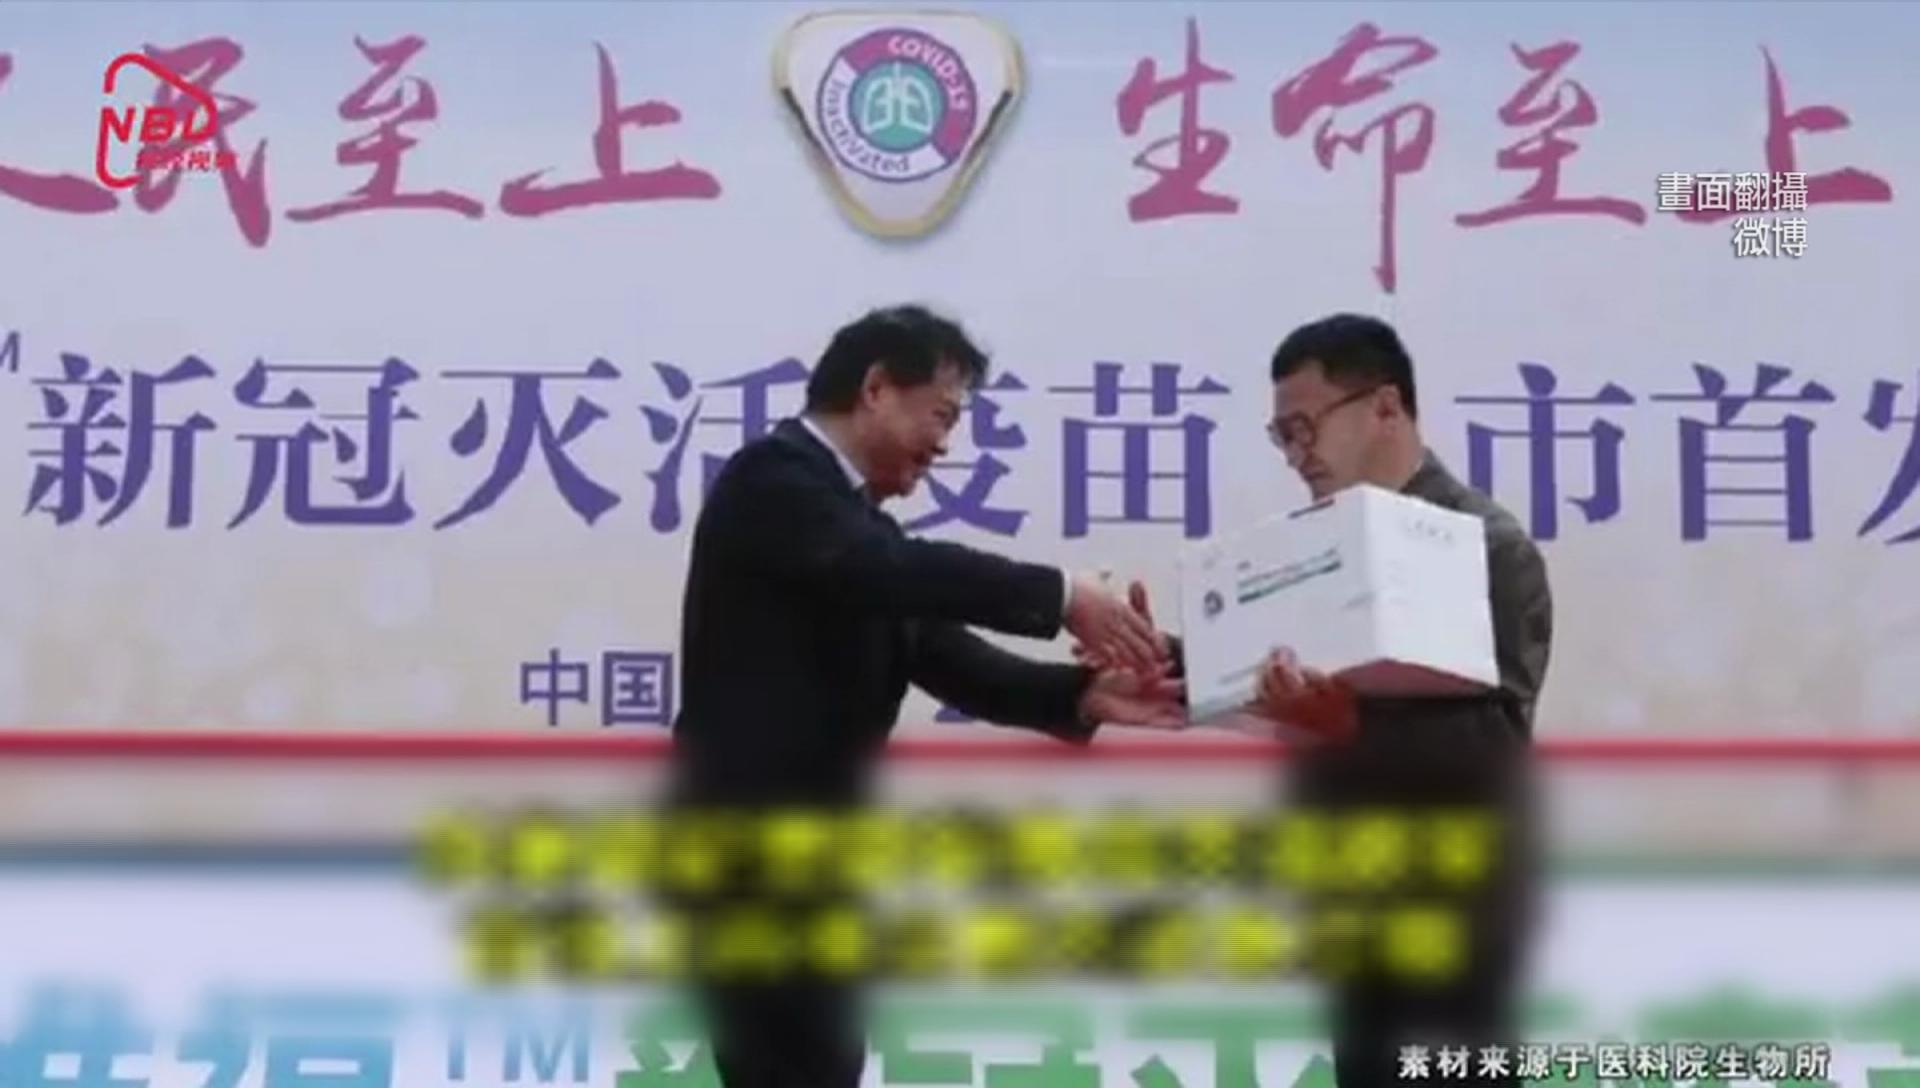 供緊急使用! 中國「科維福」疫苗上市 聲稱防護效果佳